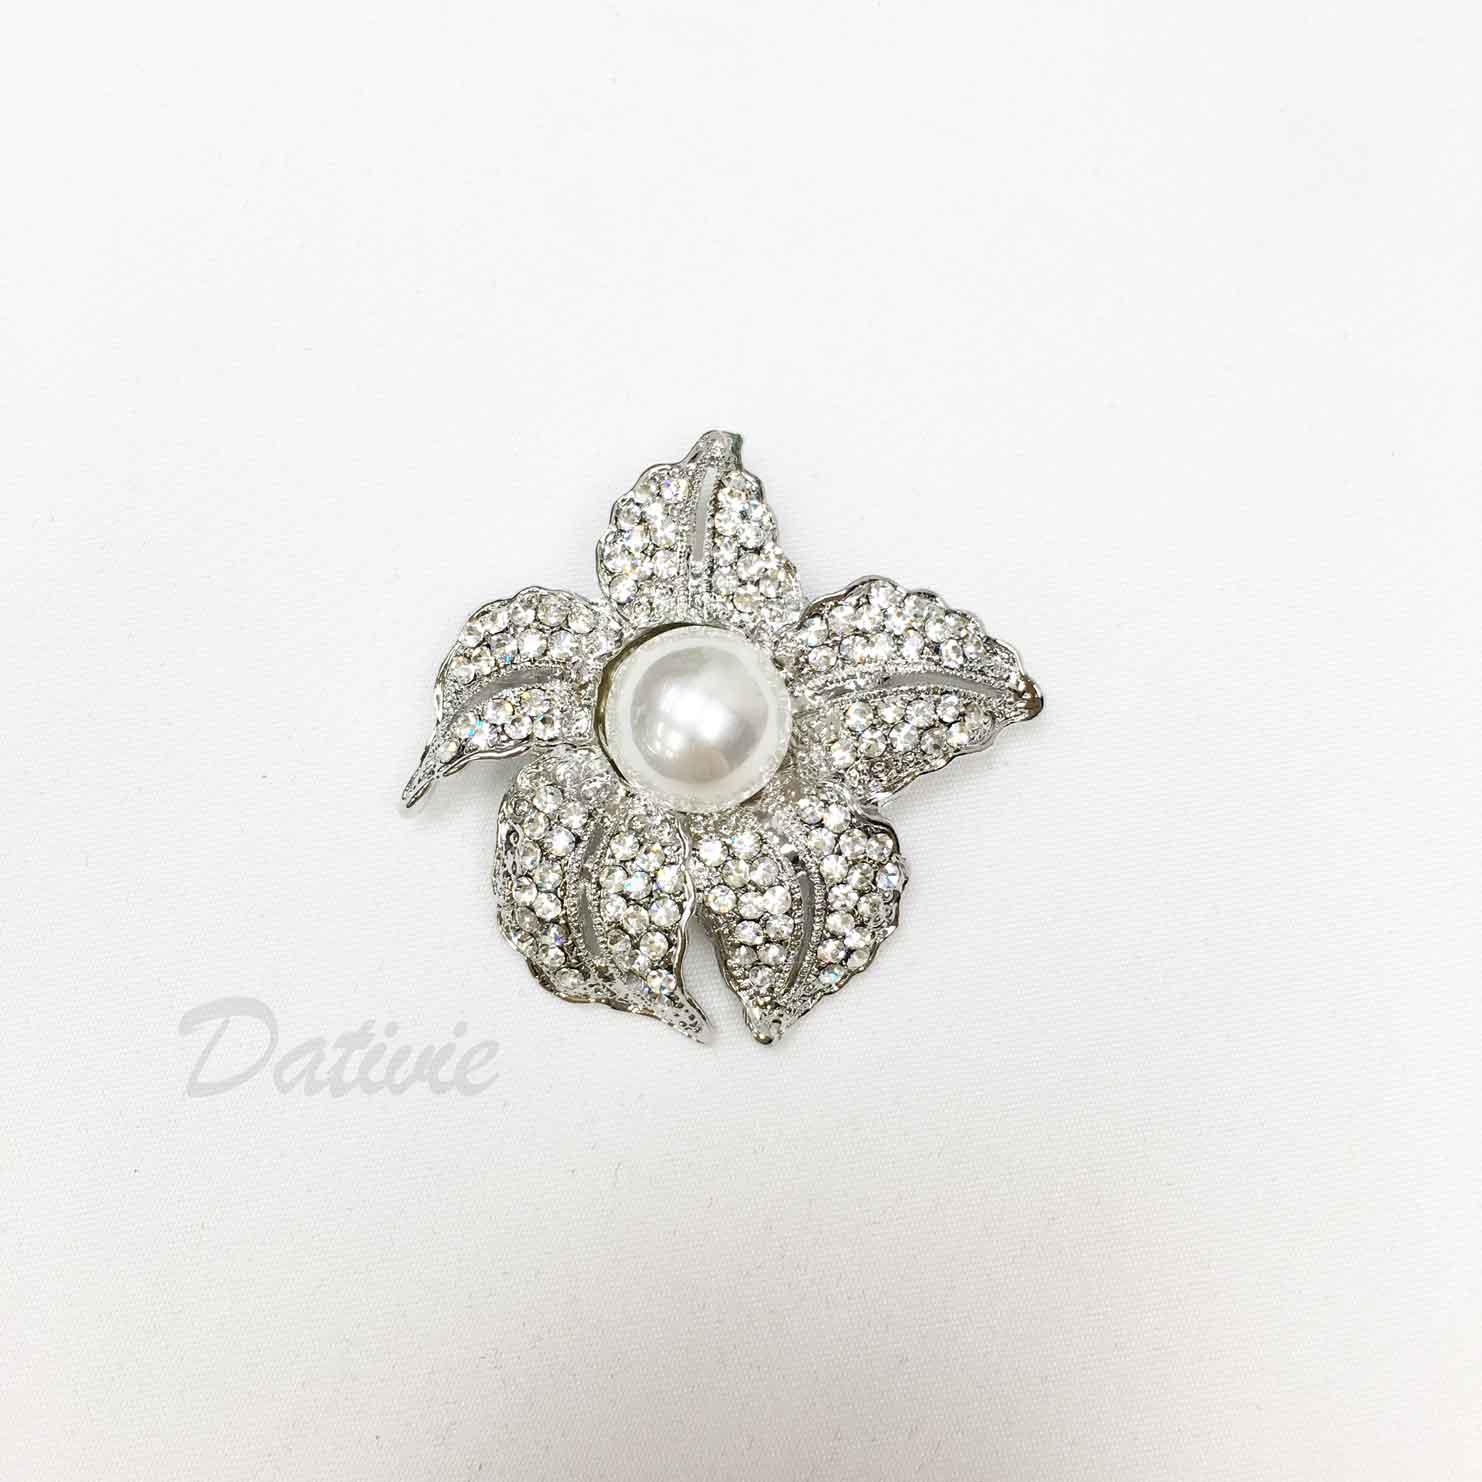 水鑽 葉片 花朵珍珠 單個 胸針